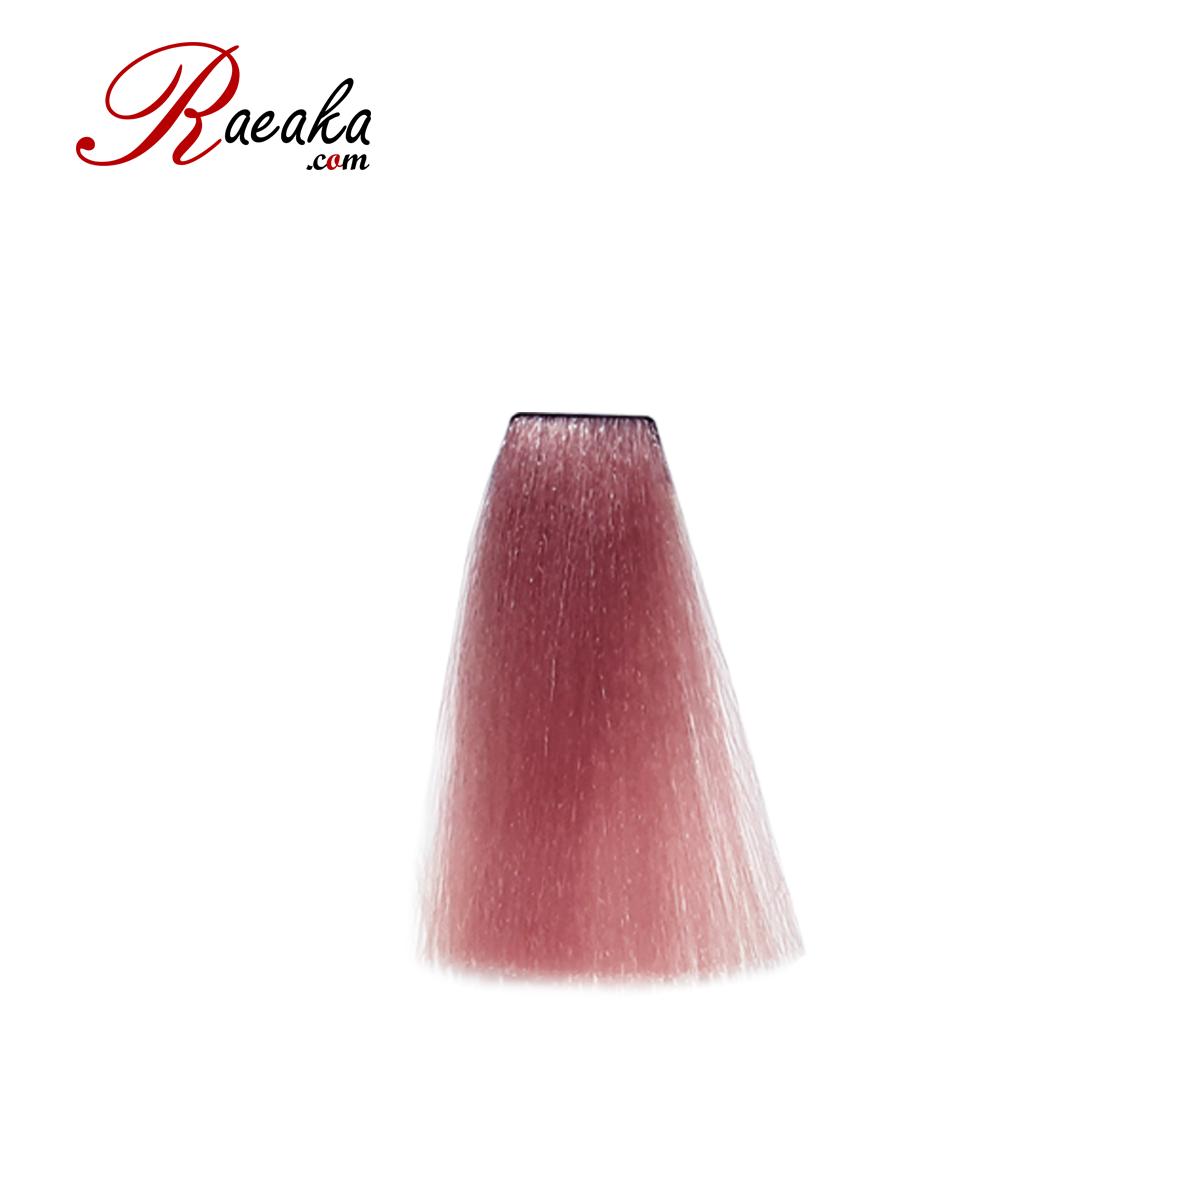 رنگ مو دوماسی سری رنگ های ترکیبی صورتی باربی ۶٫۶۰۳ حجم ۱۲۰ میلی لیتر